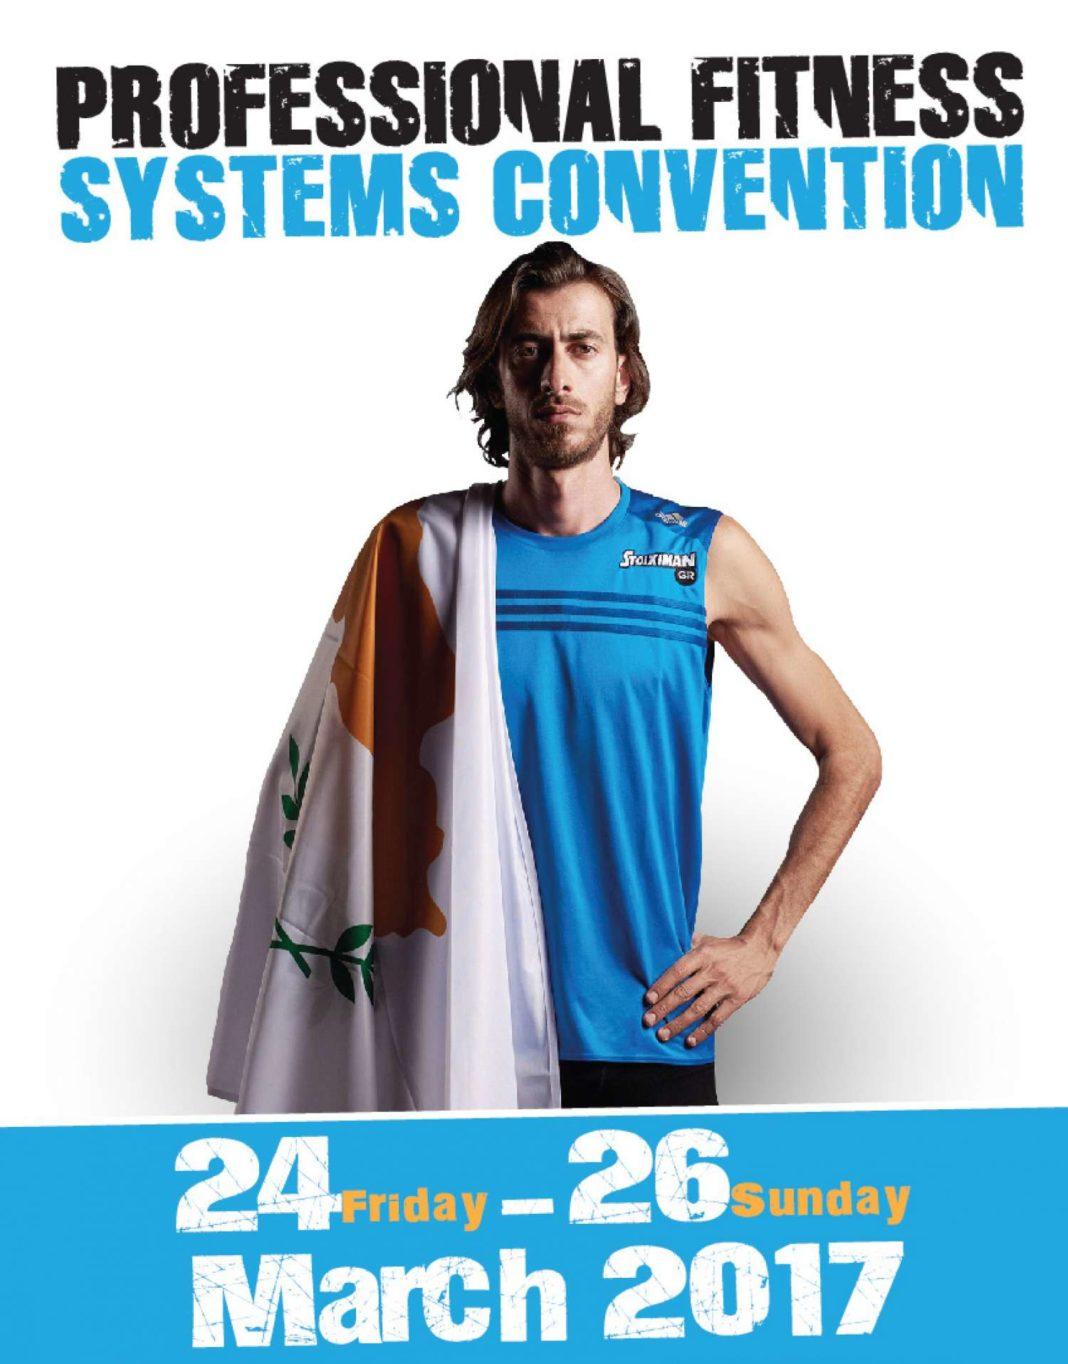 Ο Ιωάννου κεντρικό πρόσωπο του Professional Fitness Systems Convention